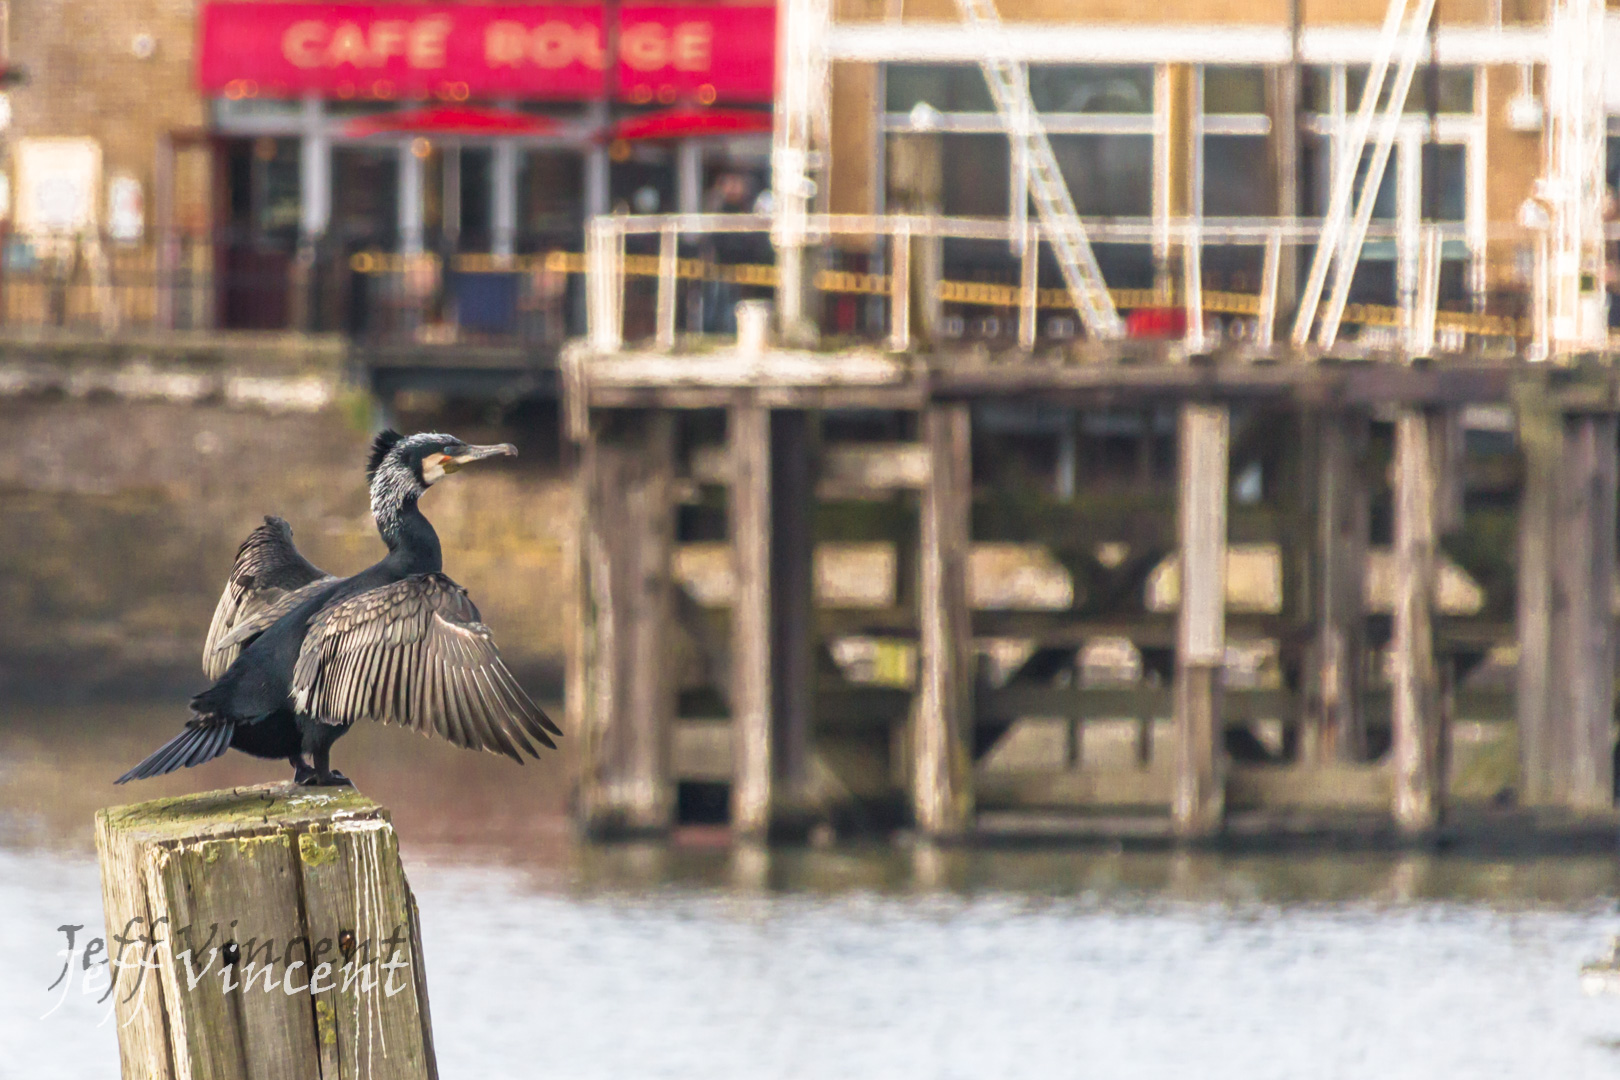 Cafe Cormorant